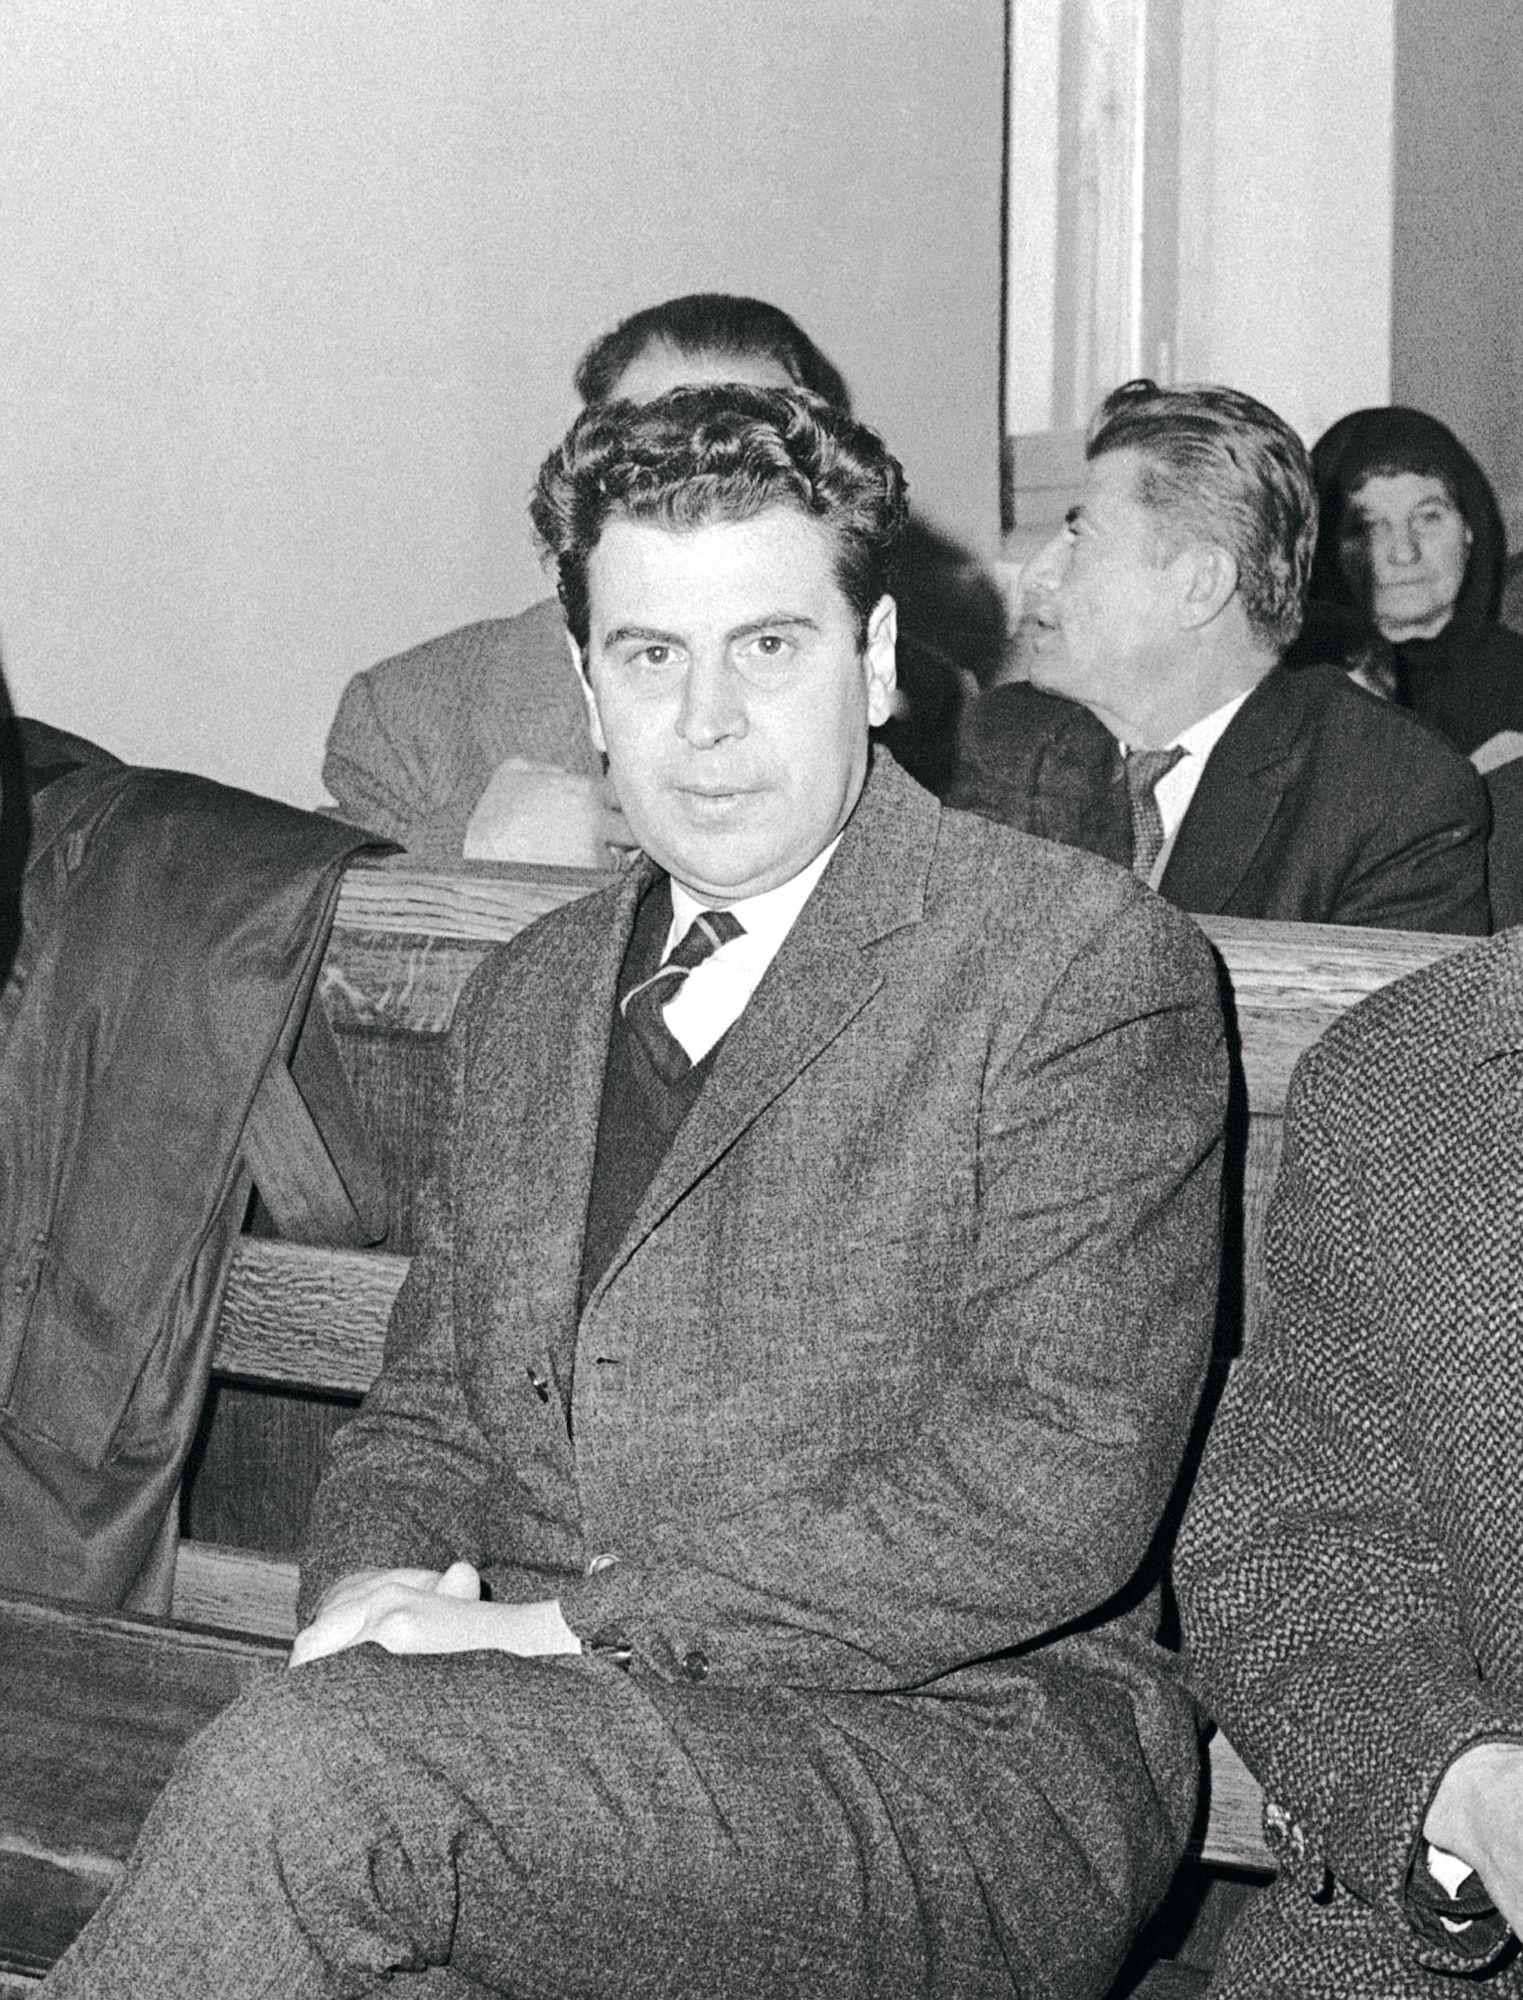 MikisTheodorakis vuonna 1968 © AP / Lehtikuva